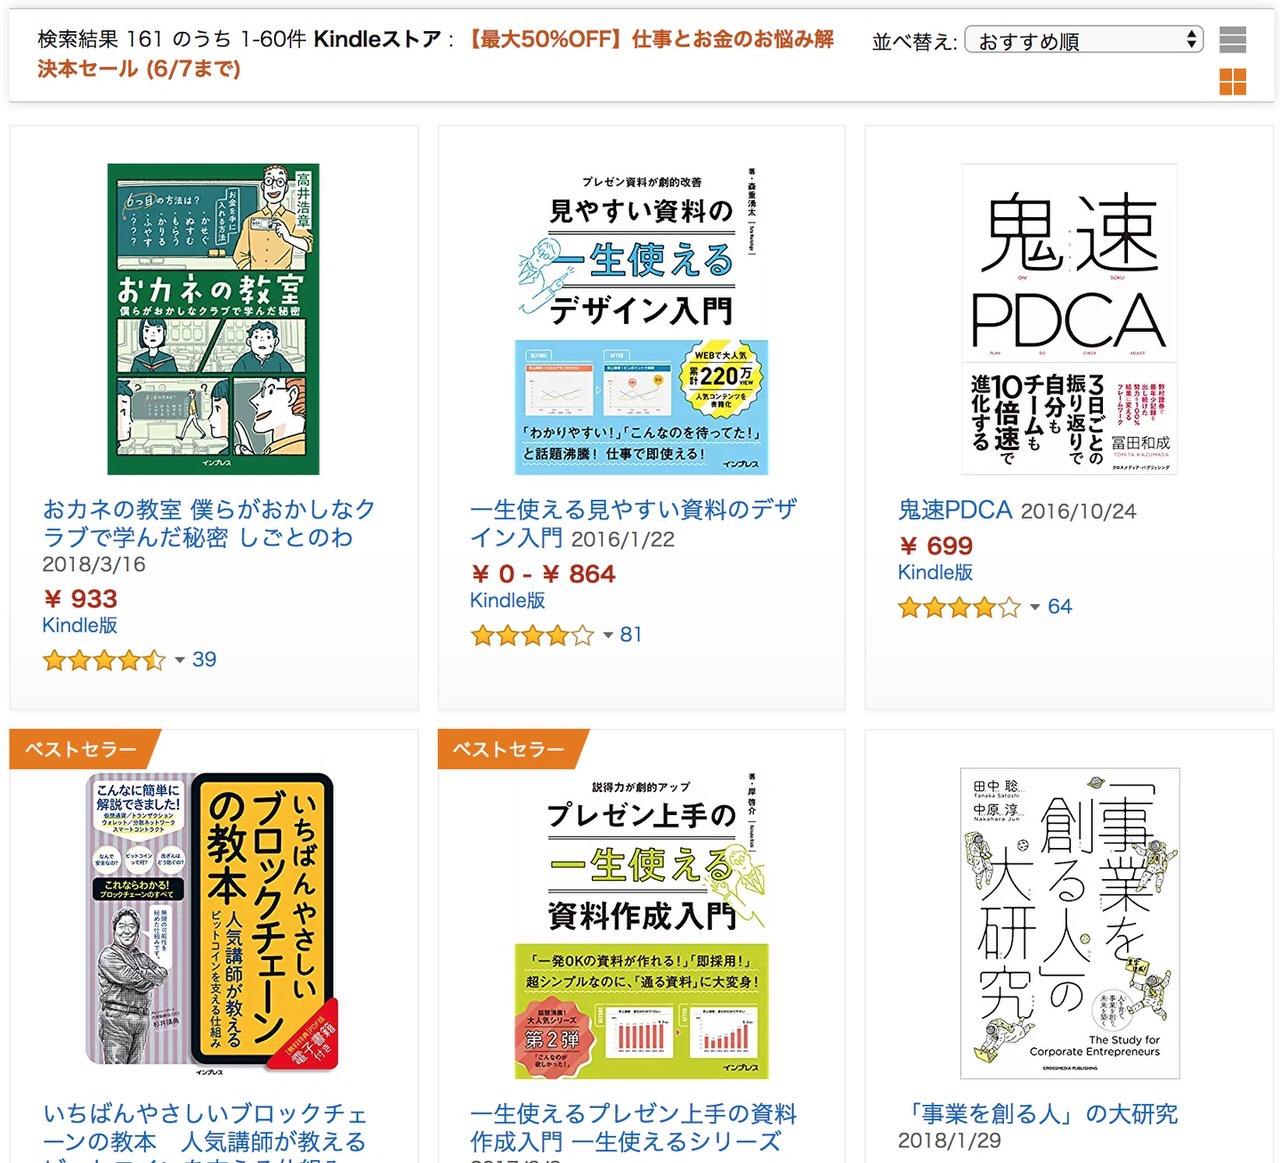 【Kindleセール】最大50%OFF「仕事とお金のお悩み解決本セール」(6/7まで)